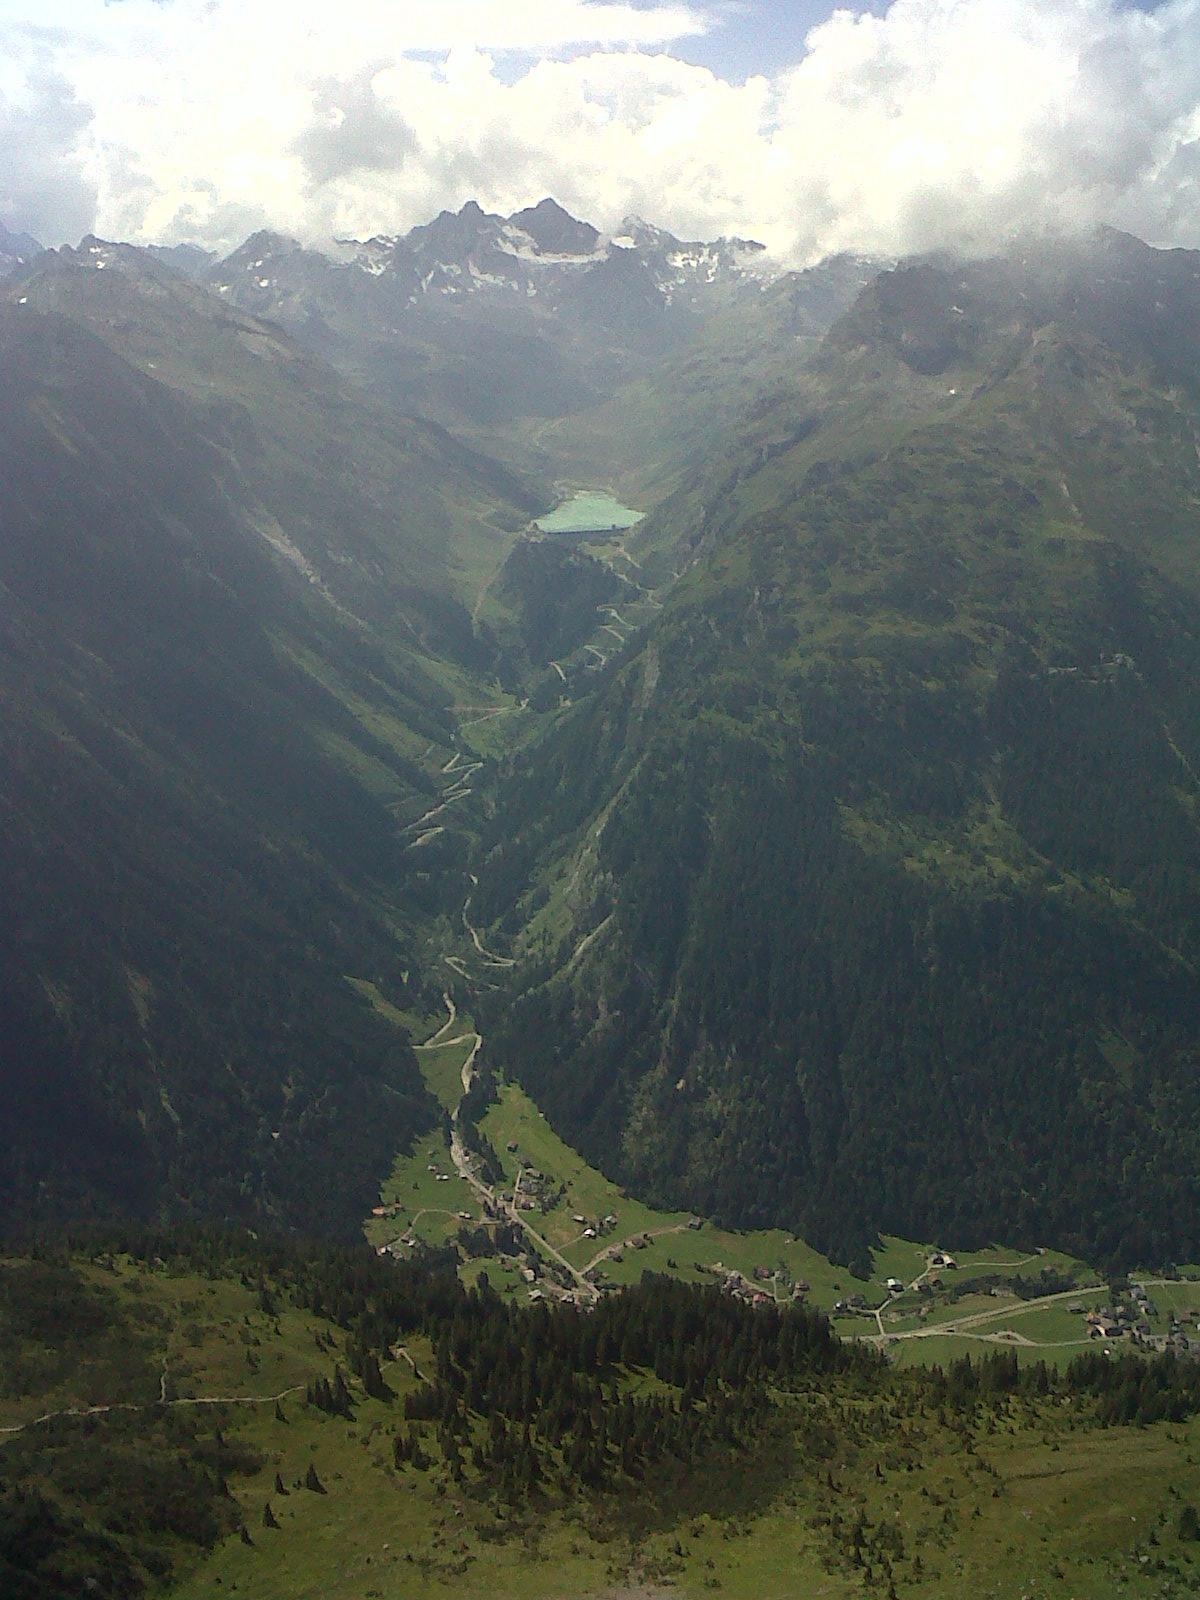 Kehren und Stauseen zwischen Tirol und Vorarlberg